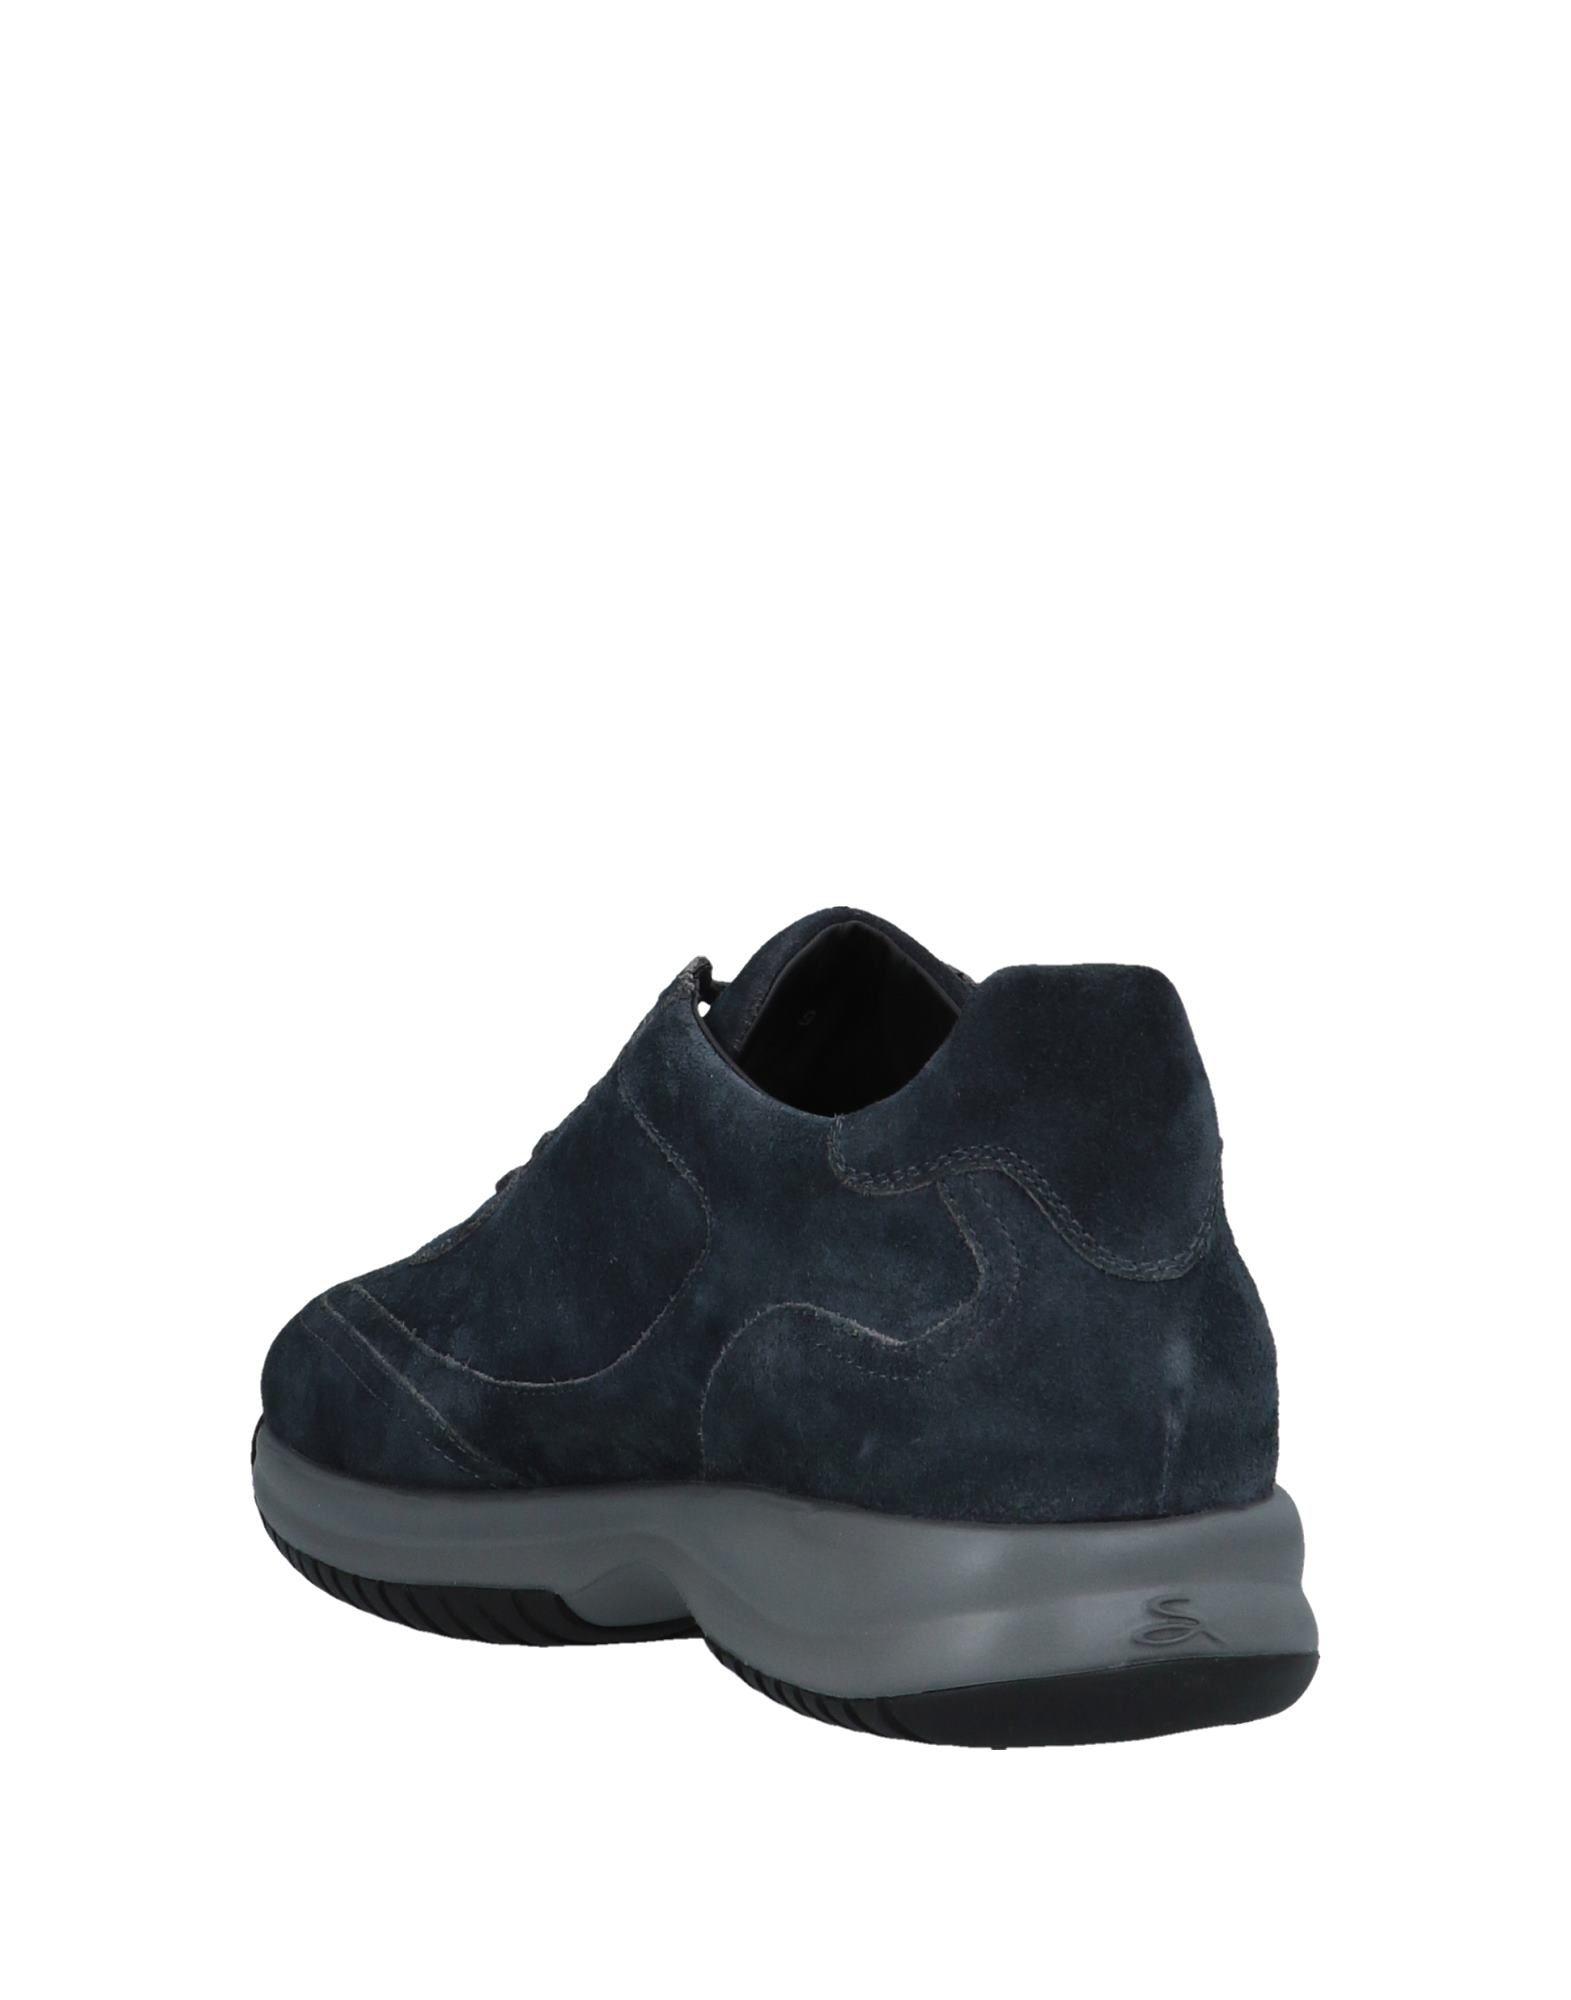 Santoni Sneakers Herren  11538888NW Gute Qualität beliebte Schuhe